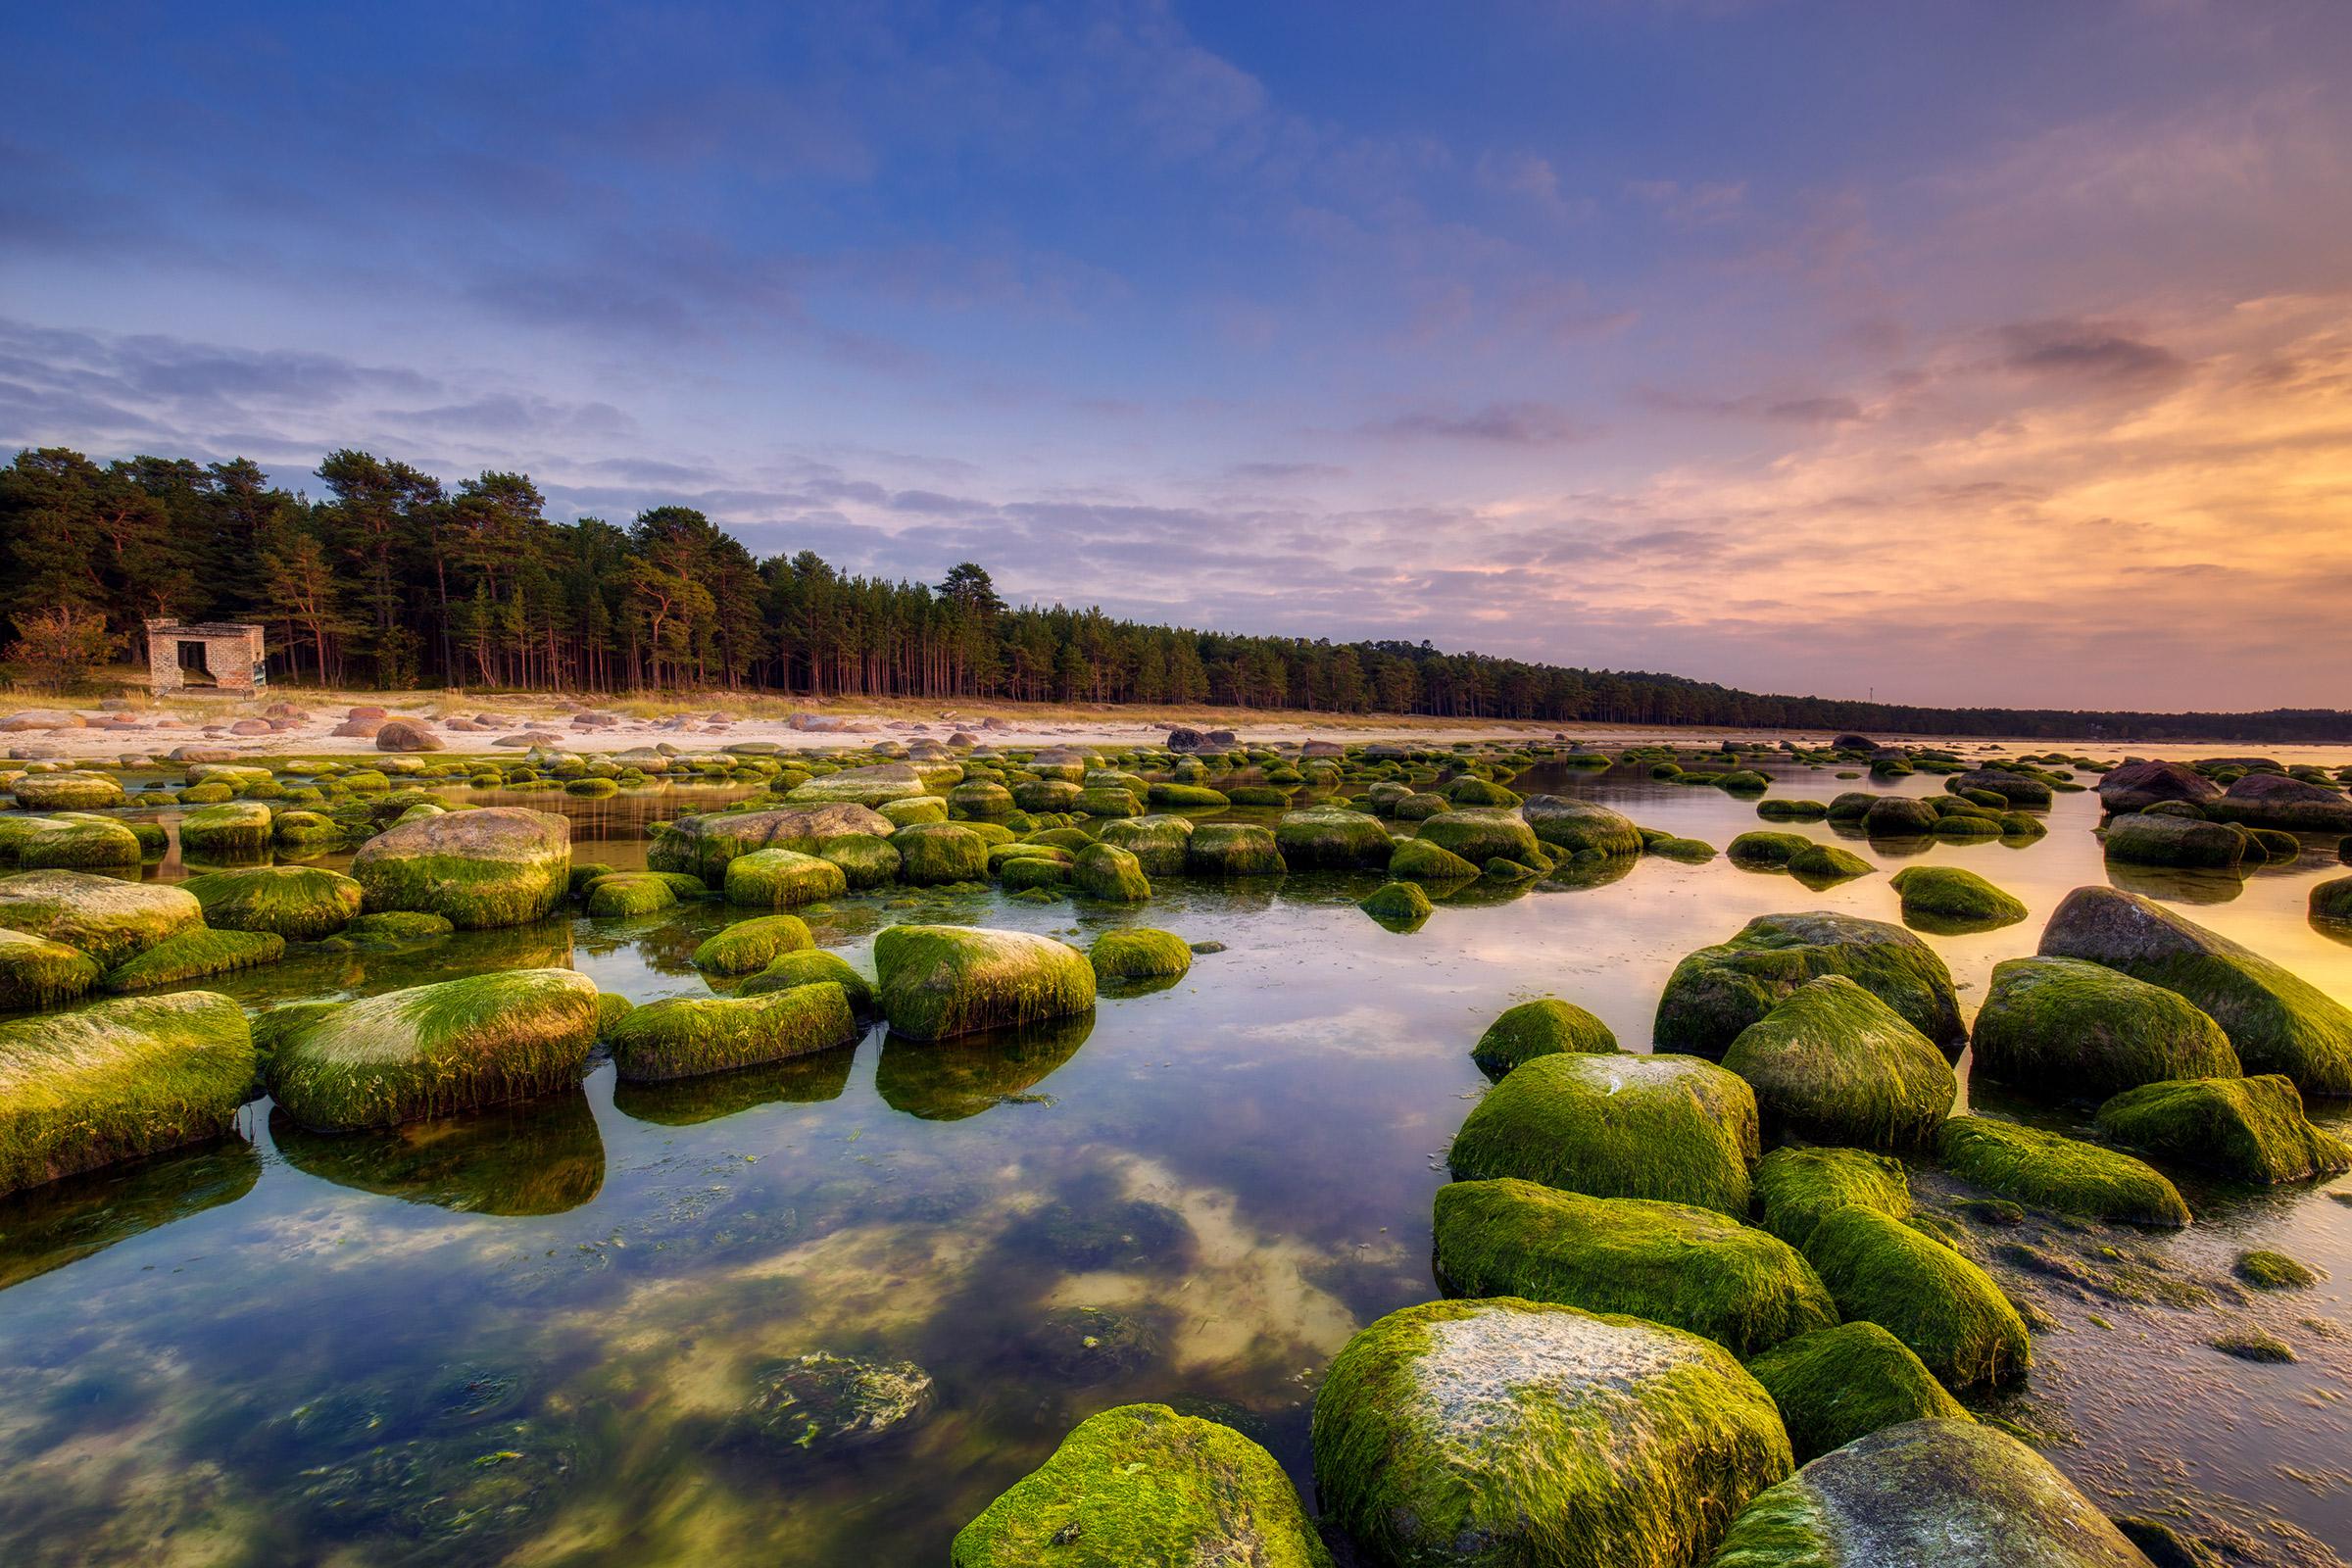 Estonia Baltic Sea The Gulf of Finland.